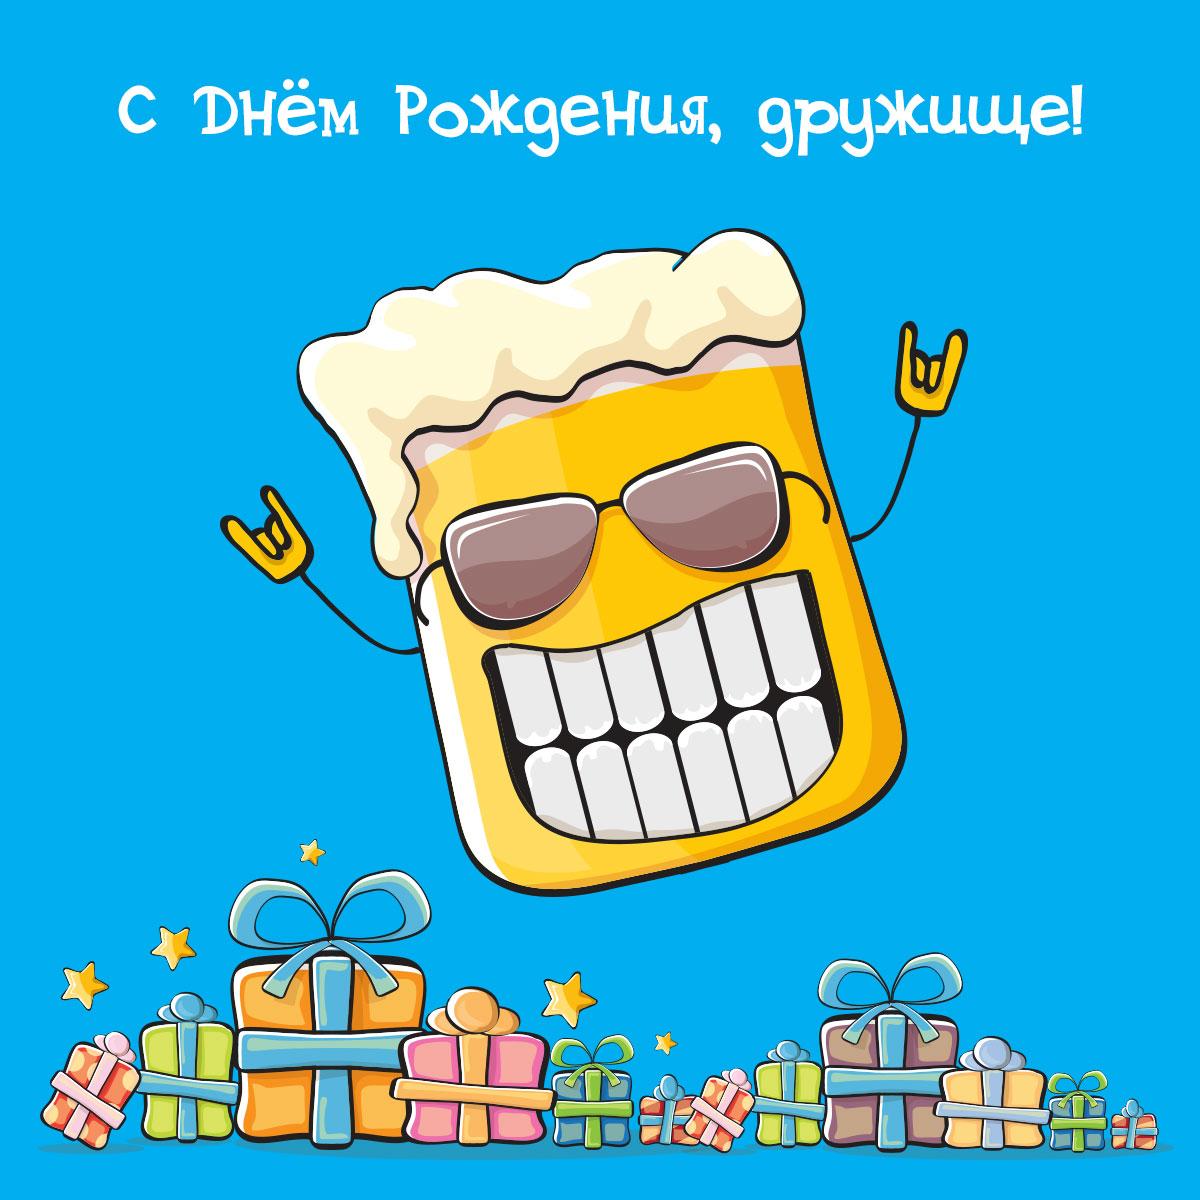 Прикольная открытка другу мужчине с текстом с днем рождения, дружище с улыбающейся жёлтой кружкой пива в солнечных очках.